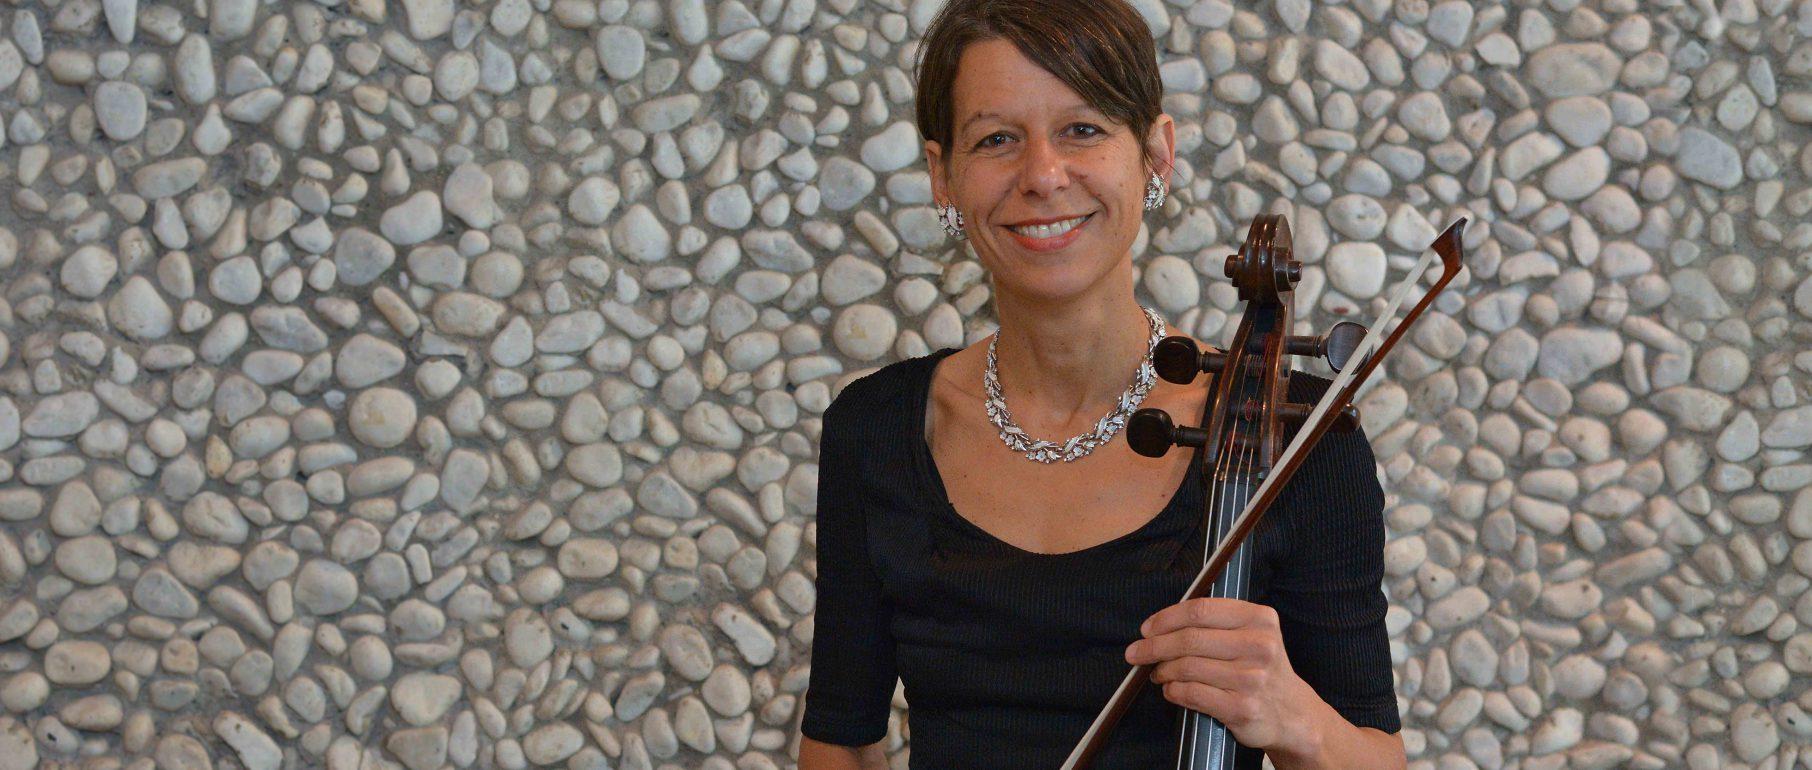 Konstanze Bodamer, Violoncello